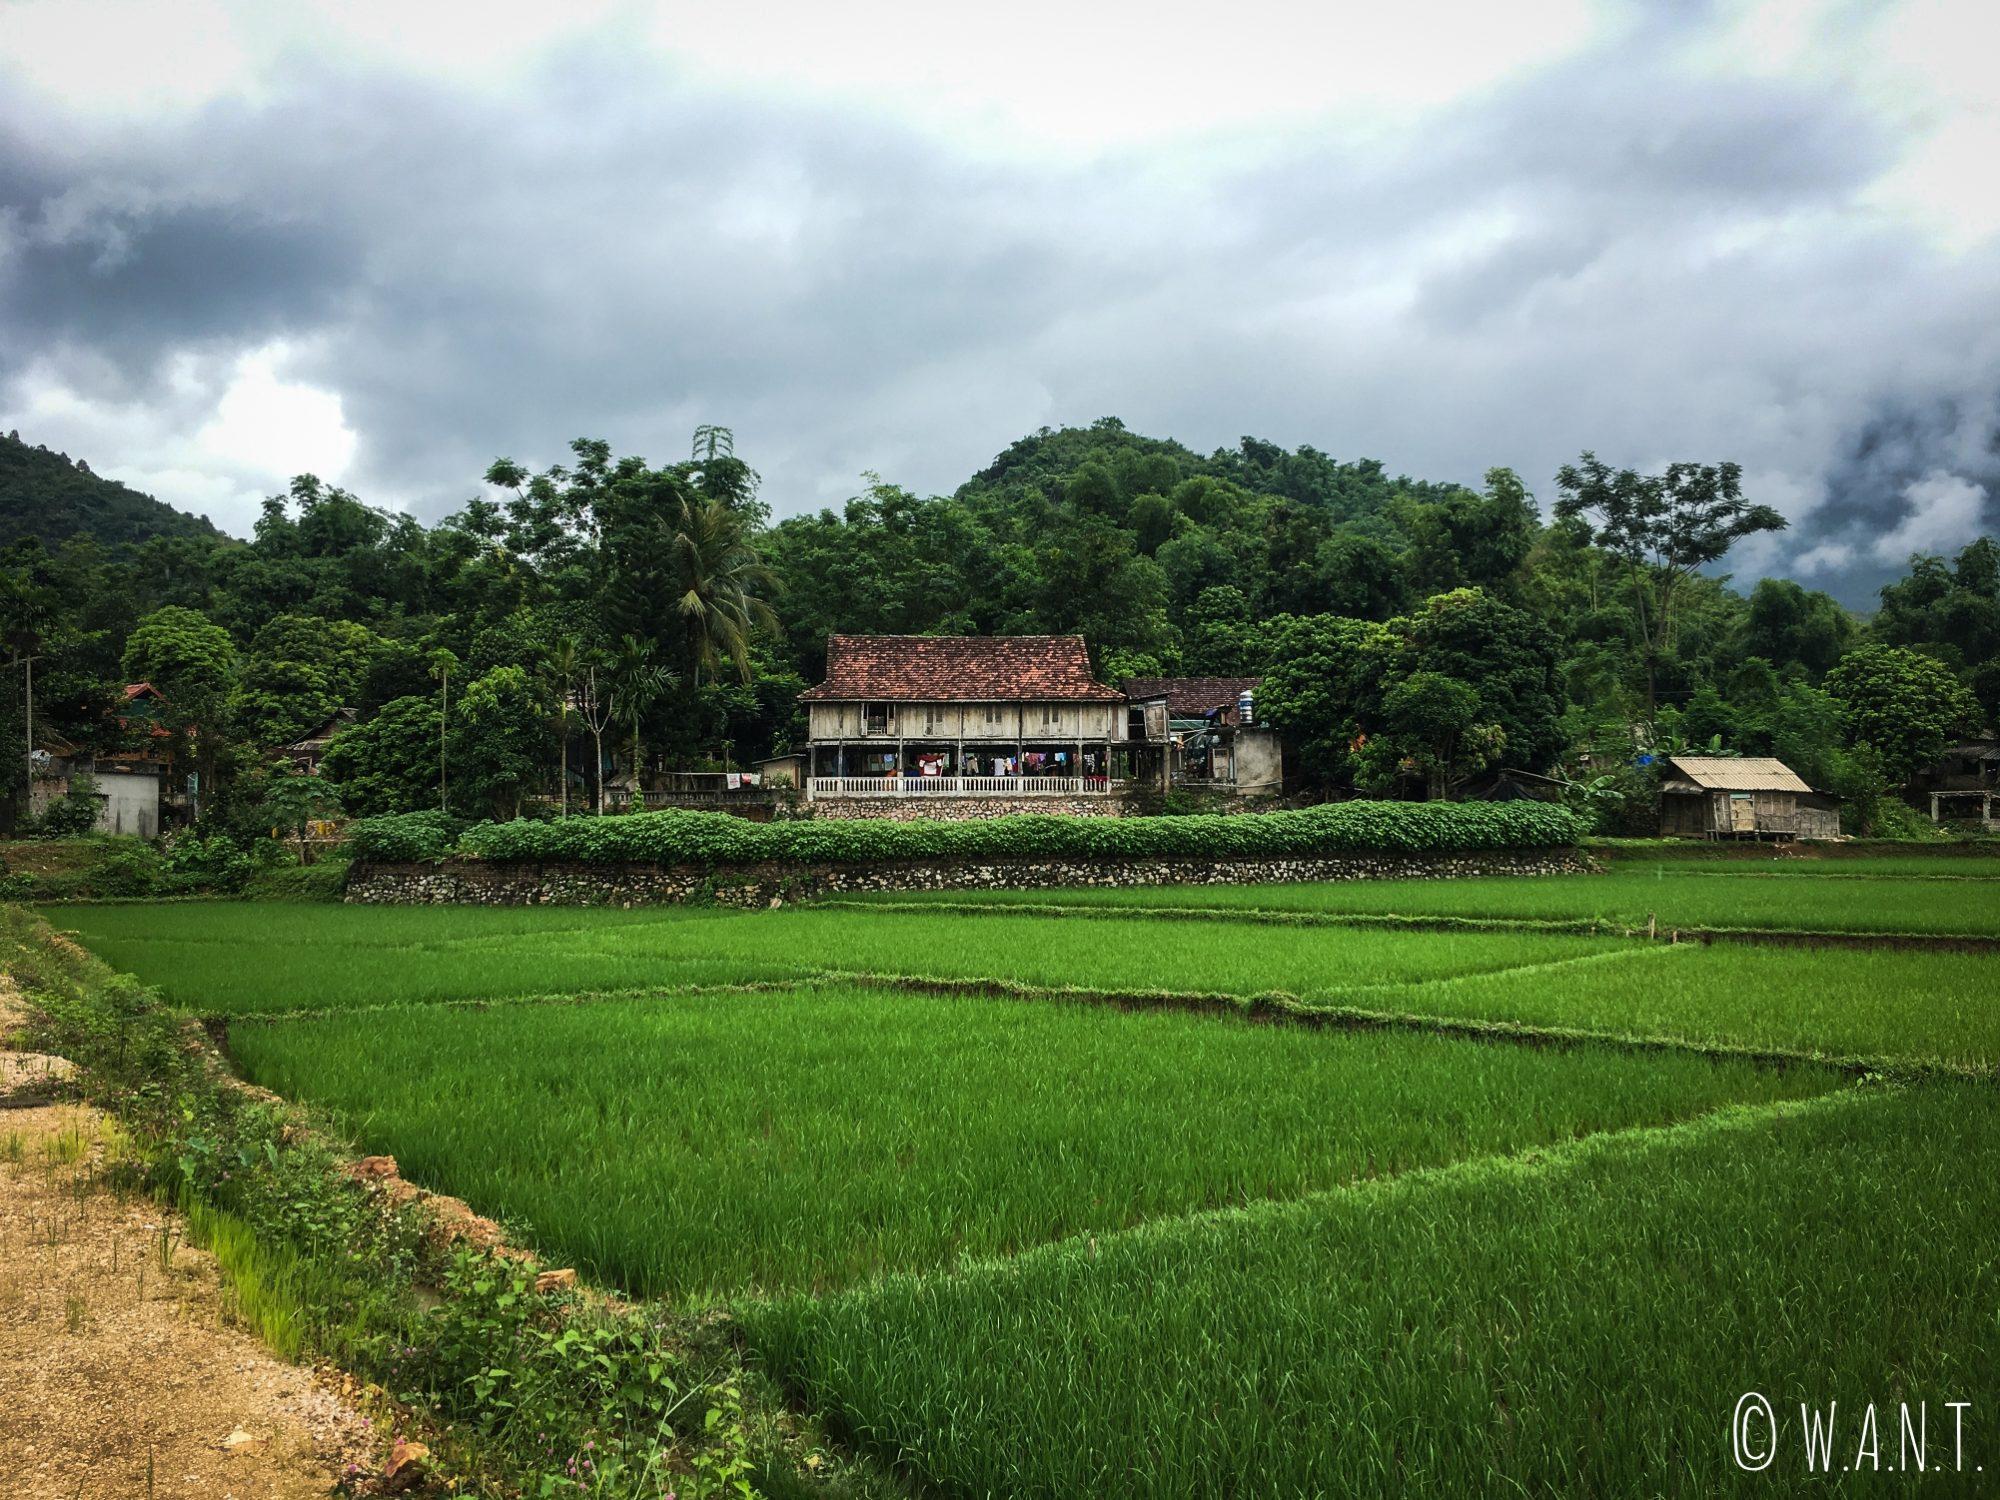 Maison sur pilotis à Mai Chau